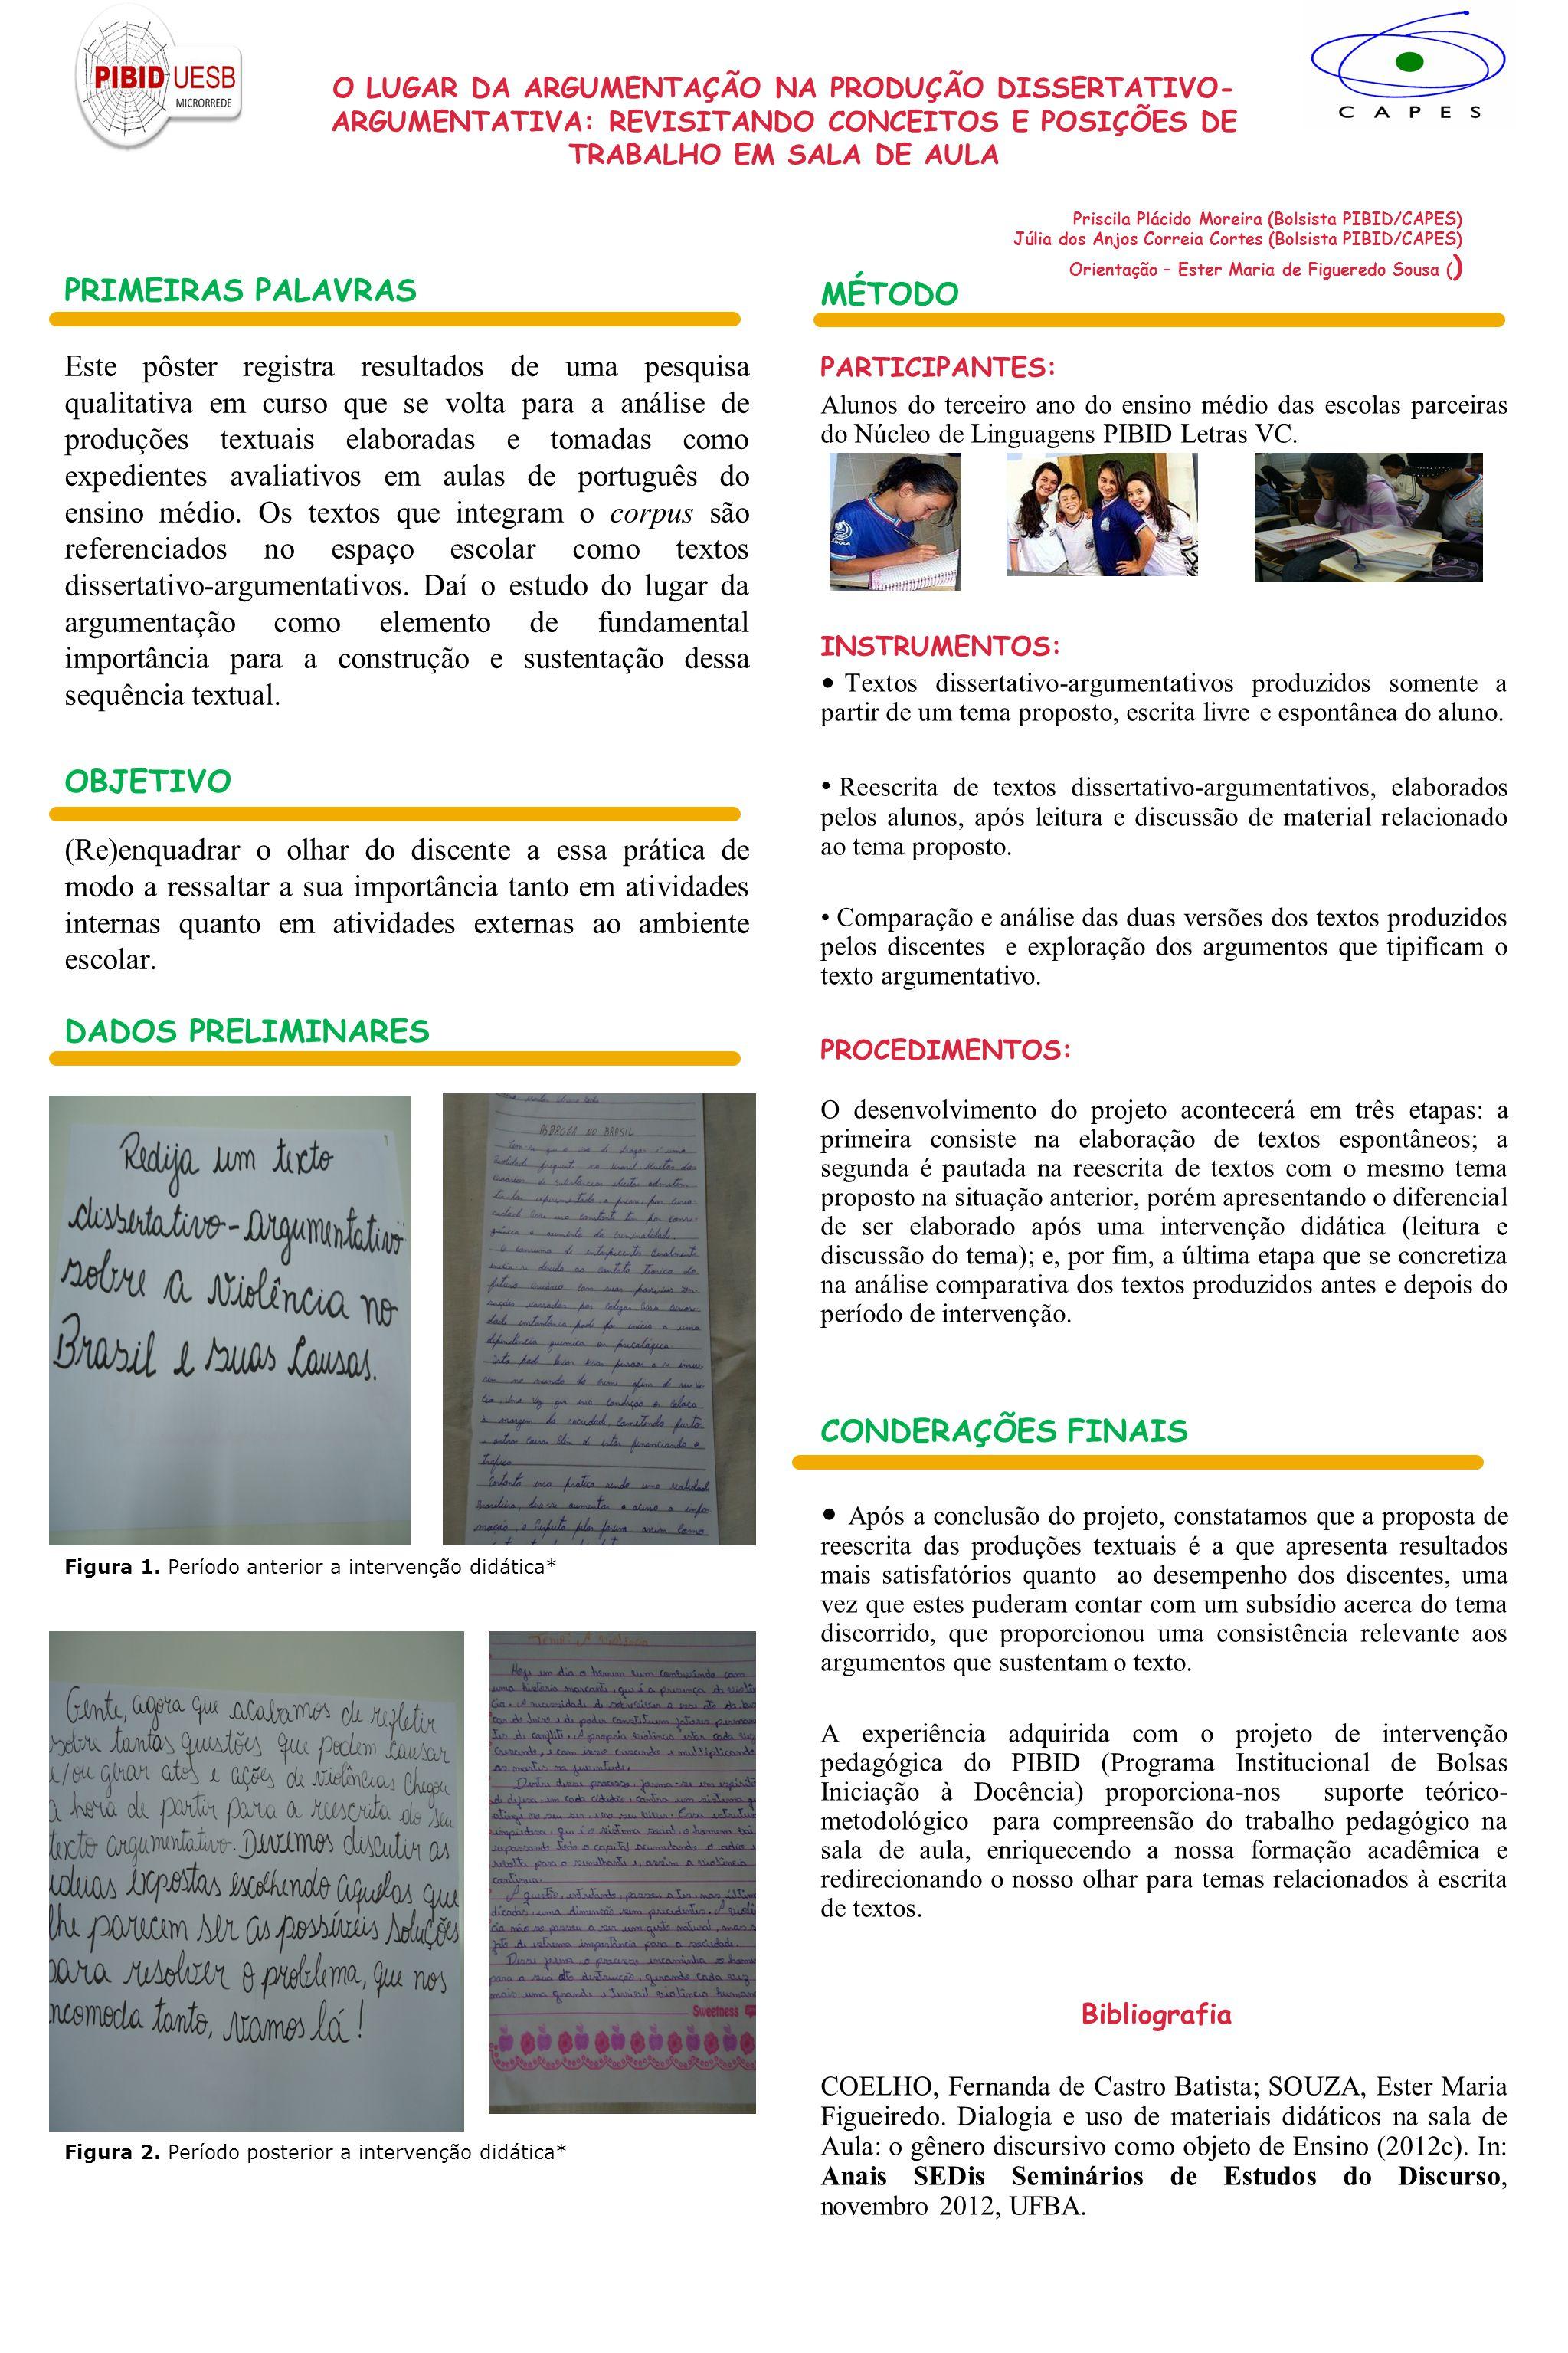 PRIMEIRAS PALAVRAS Este pôster registra resultados de uma pesquisa qualitativa em curso que se volta para a análise de produções textuais elaboradas e tomadas como expedientes avaliativos em aulas de português do ensino médio.